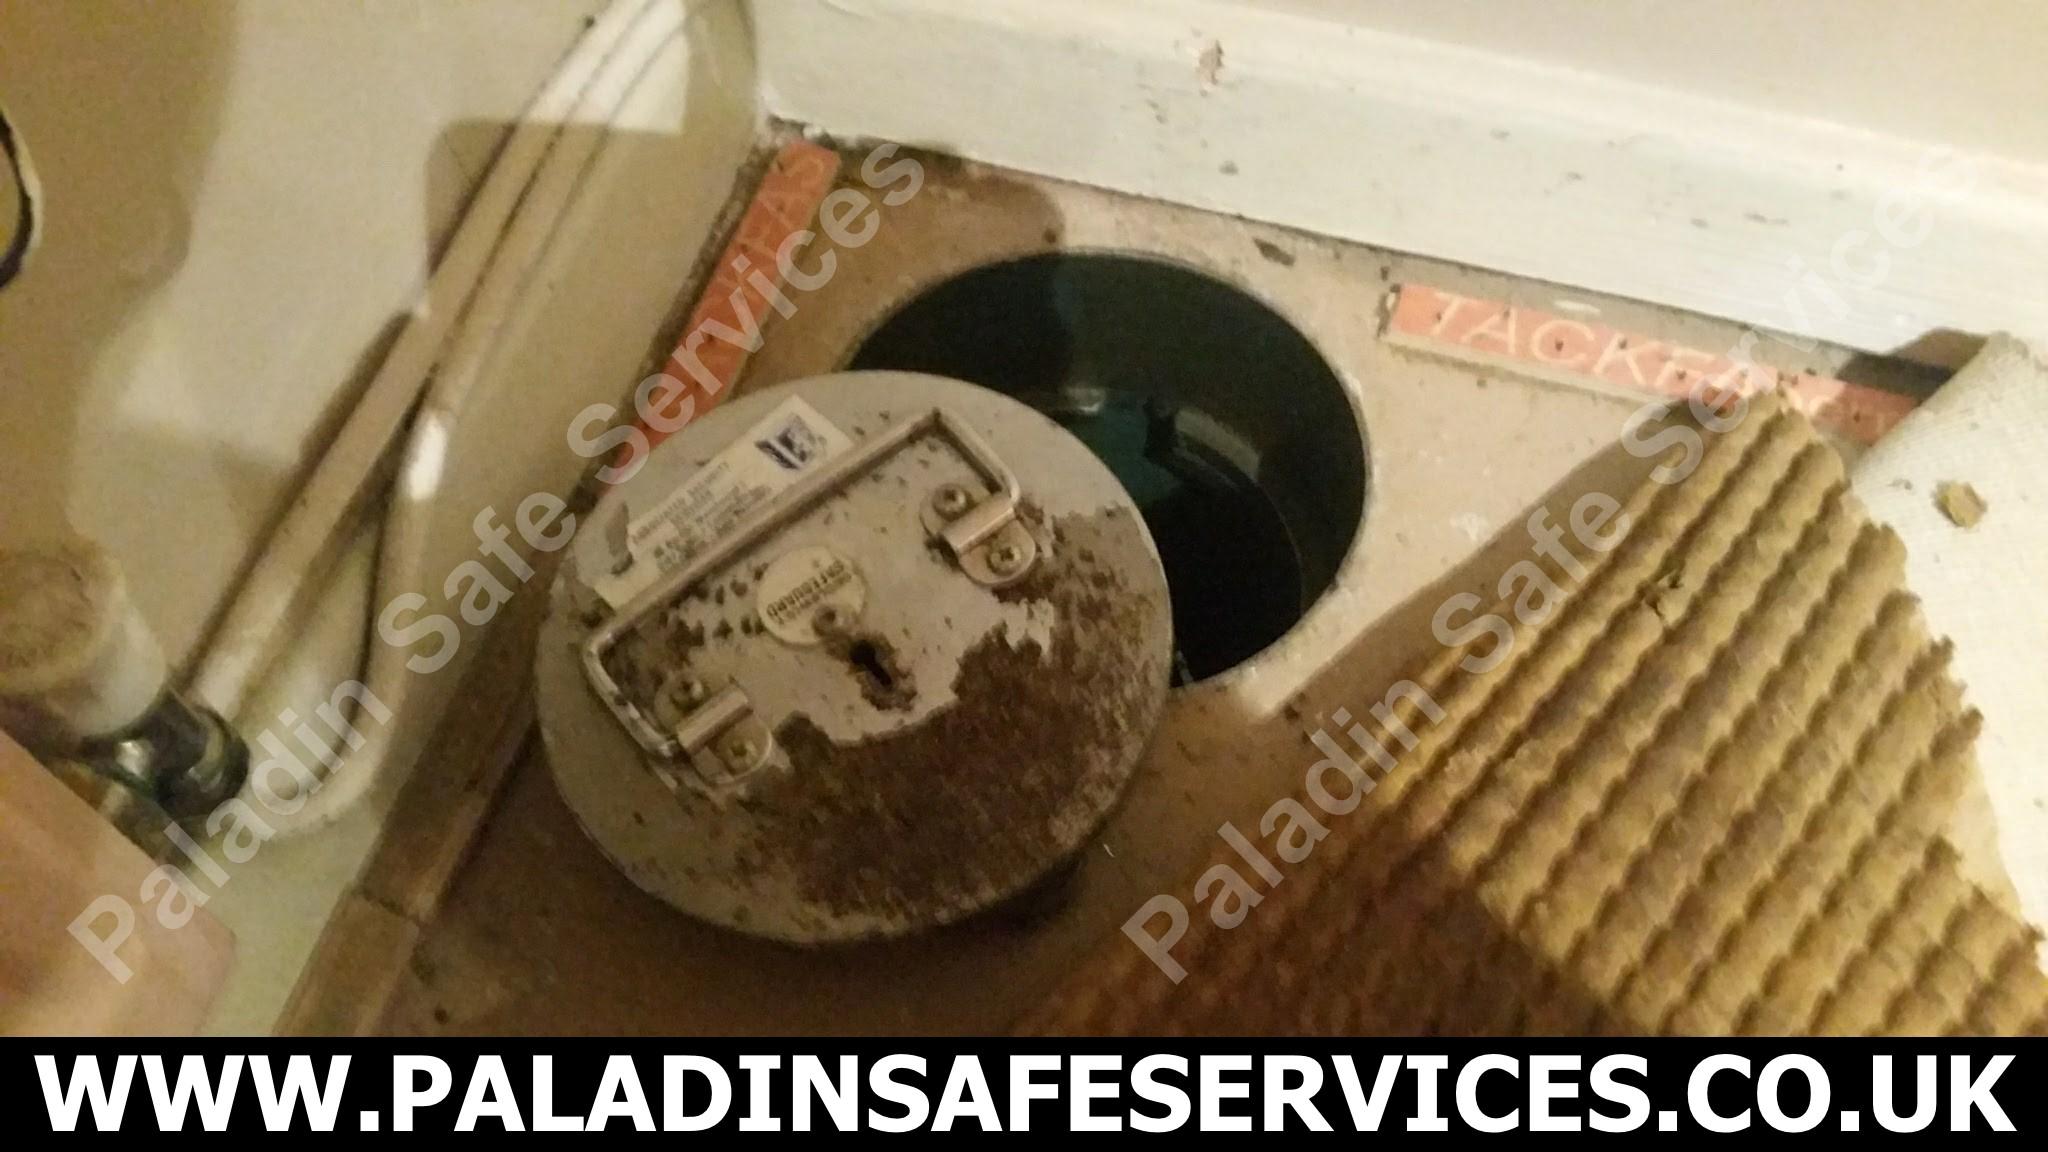 Securikey Safeguard Under Floor Safe Lost Keys